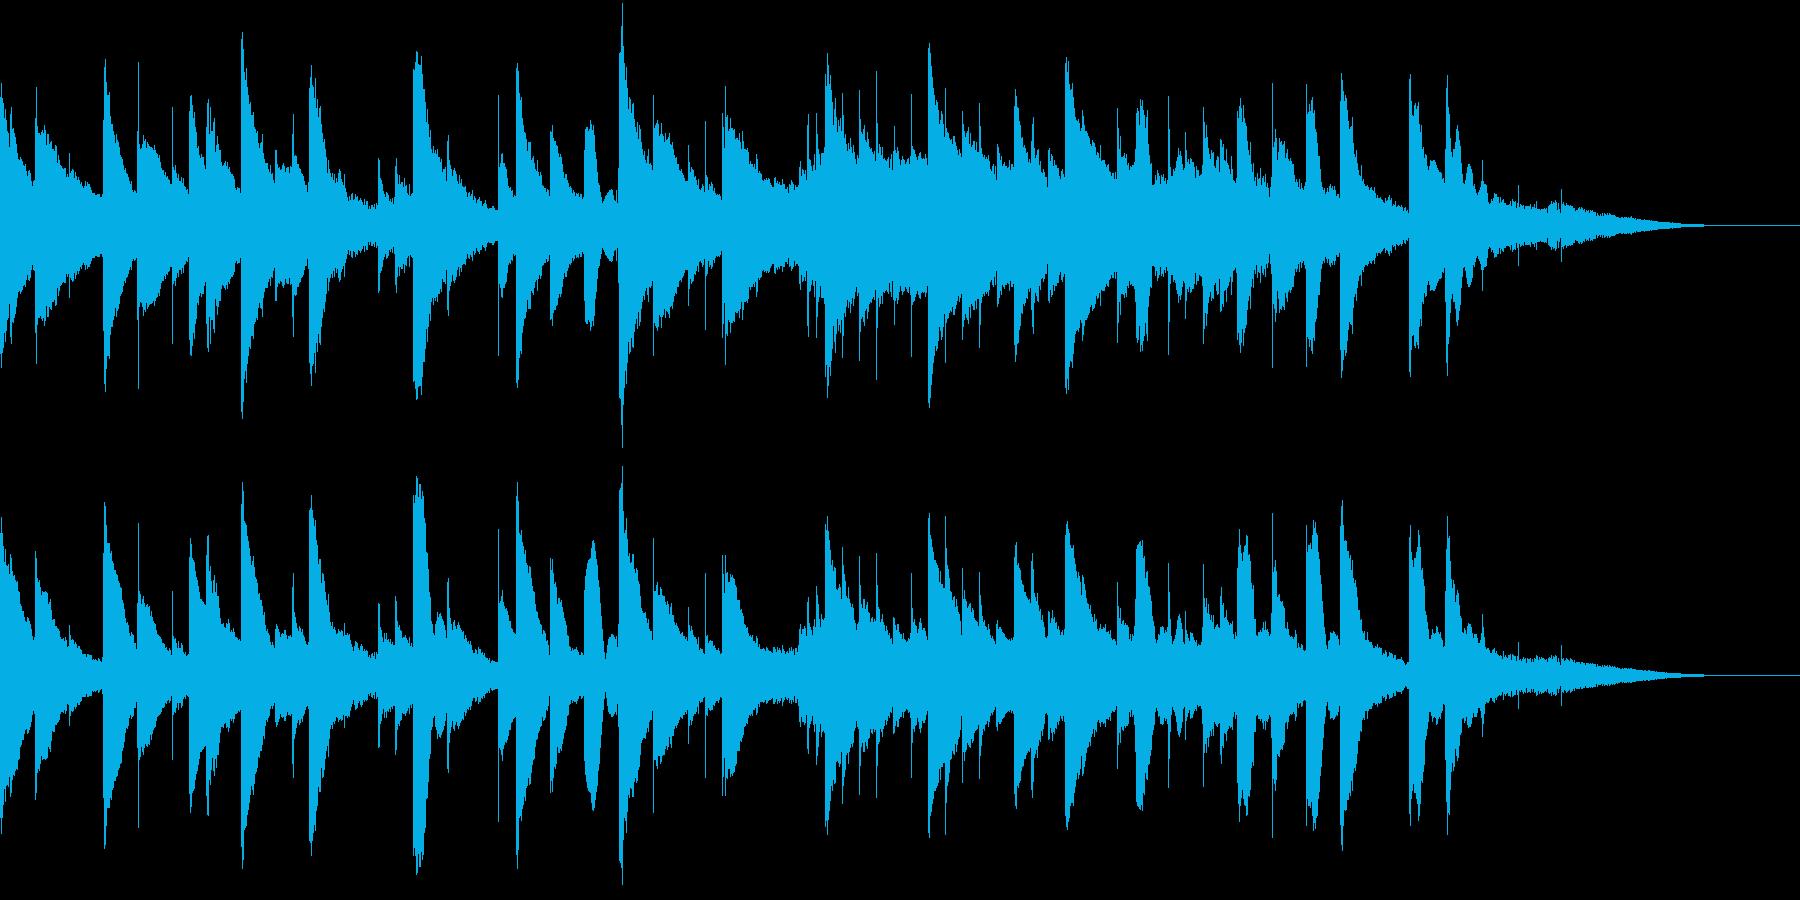 やさしい音色のオルゴールの再生済みの波形